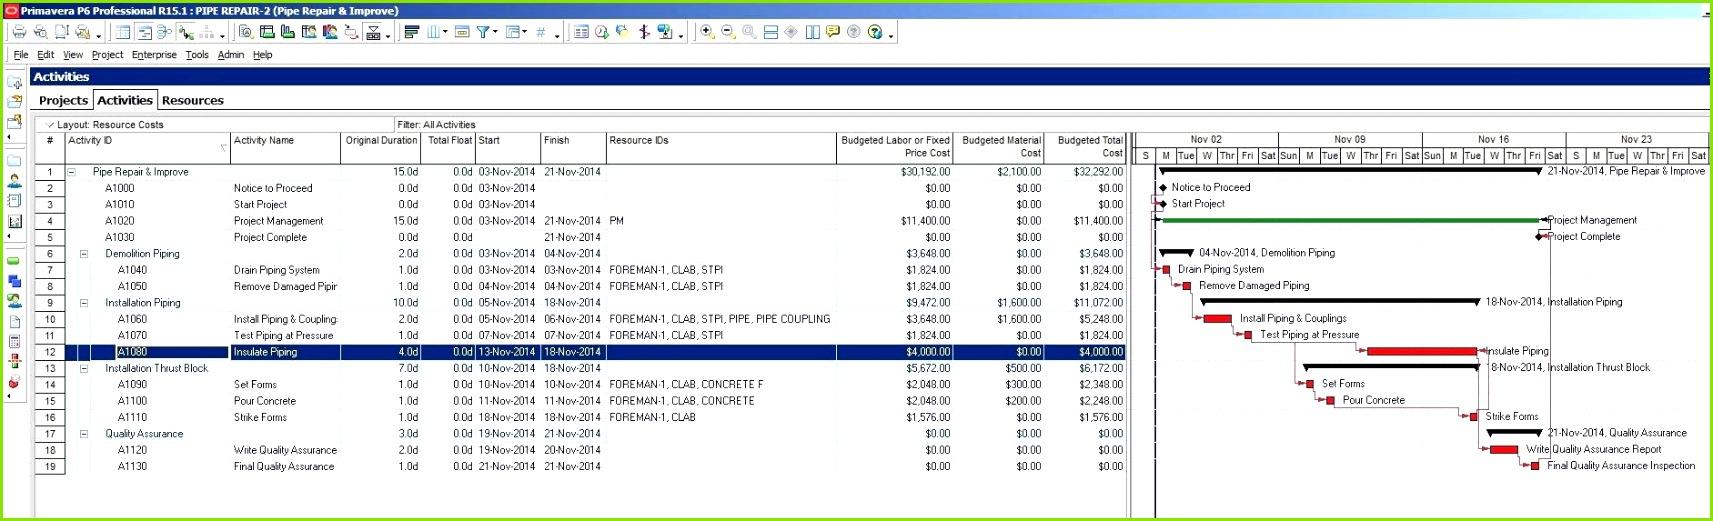 Erfreut Nährwerttabellen Excel Zeitgenössisch Beispiel Business